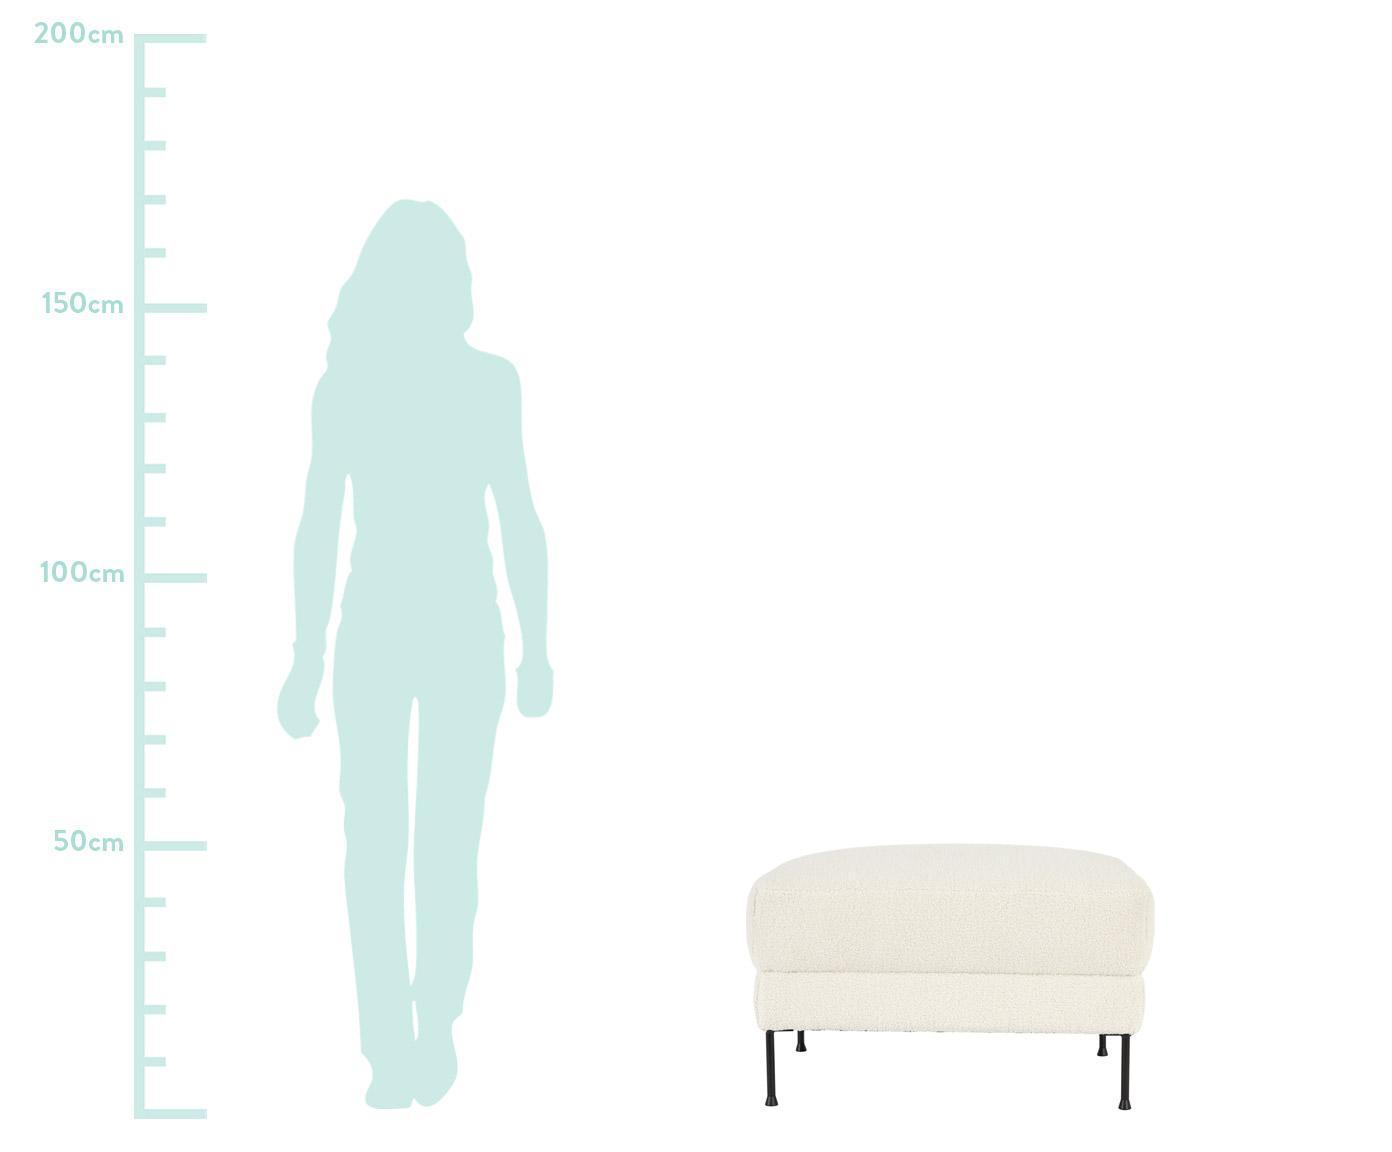 Sofa-Hocker Fluente aus Teddystoff, Bezug: Polyester (Teddyfell) 40., Gestell: Sperrholz, Spanplatte, Füße: Metall, pulverbeschichtet, Teddy Cremeweiß, 62 x 46 cm